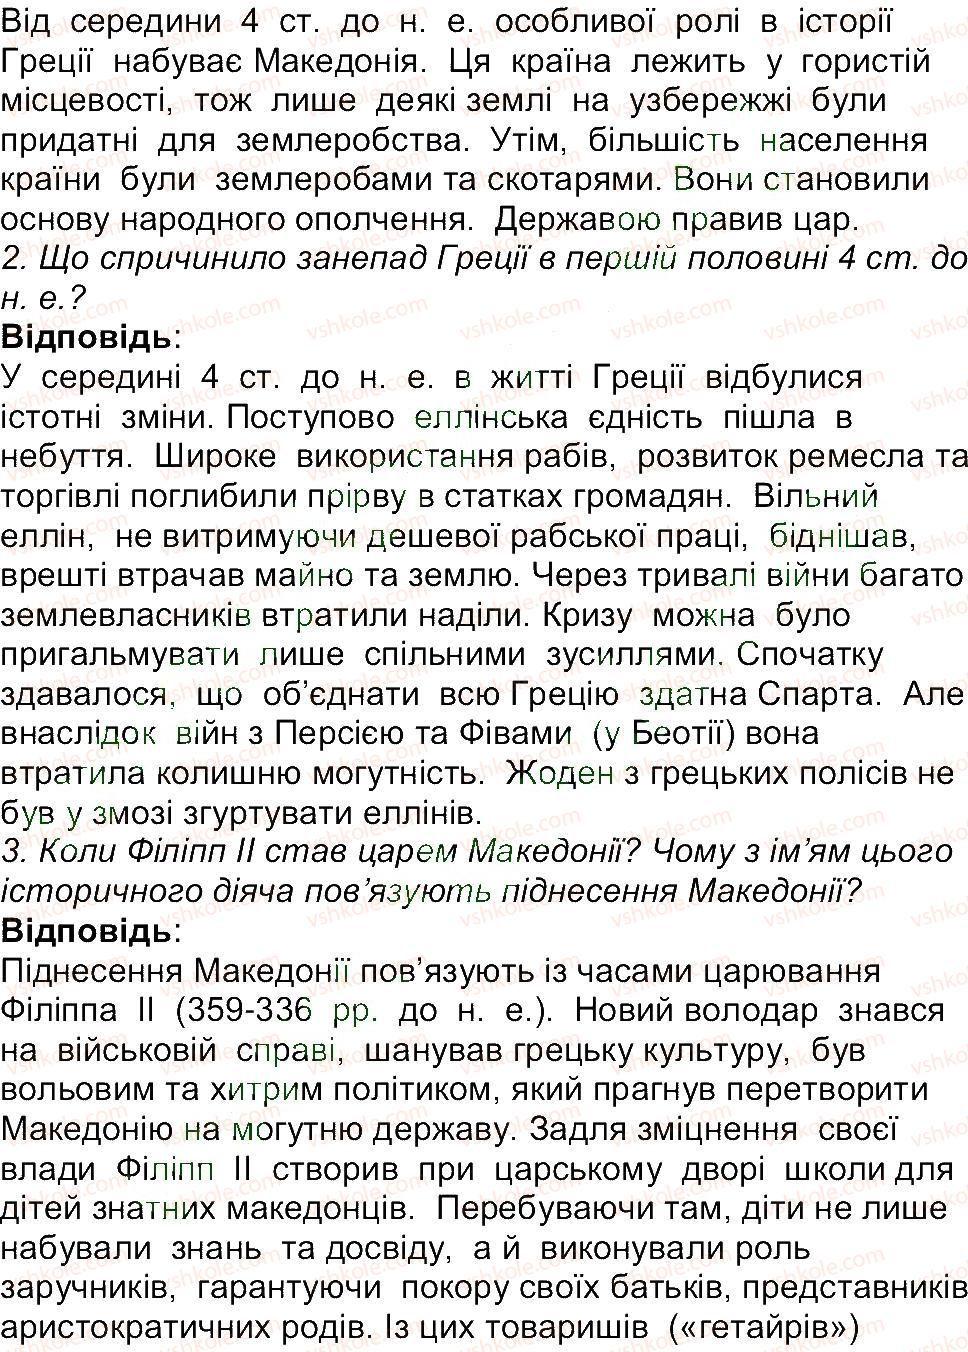 6-istoriya-og-bandrovskij-vs-vlasov-2014--storinki-143200-183-rnd5691.jpg